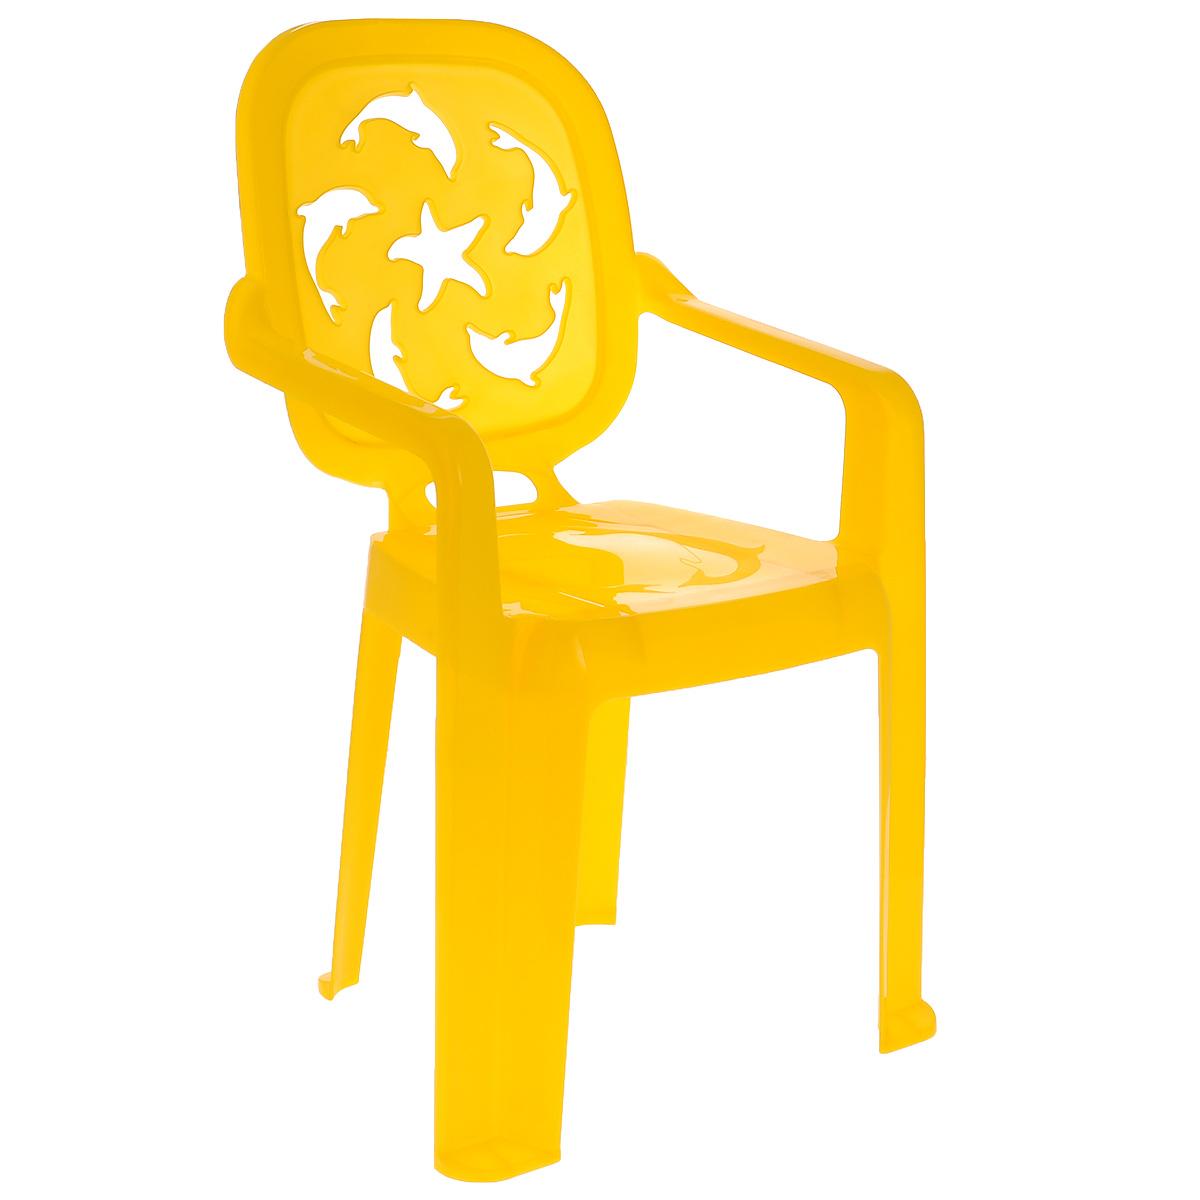 Стульчик детский Idea Океаник, цвет: желтыйМ 2288_ желтыйДетский стульчик Idea Океаник выполнен из высококачественного пластика. Прочный и удобный, без острых углов, неподверженный коррозии и легко транспортируемый стул прослужит долгие годы. Сиденье стульчика оформлено рельефным изображением дельфинов, а спинка оформлена перфорацией в виде дельфинов и морской звезды. Надежная опора ножек предотвращает опрокидывание стула. Детский стул Idea Океаник порадует вашего ребенка.